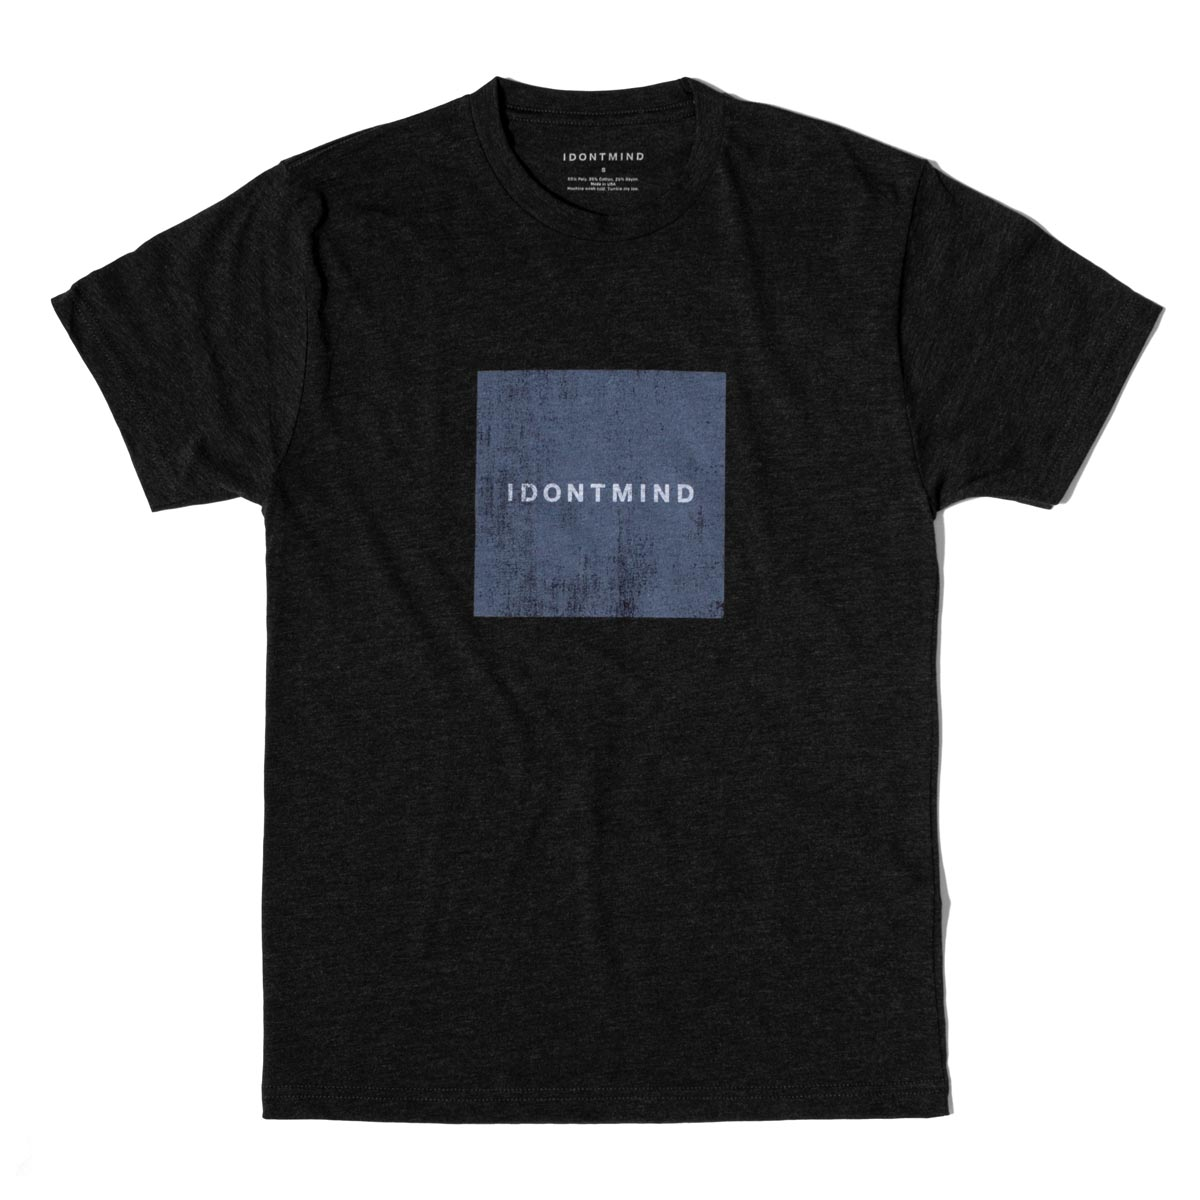 IDONTMIND-Vintage-Square-Tee-Black.jpg